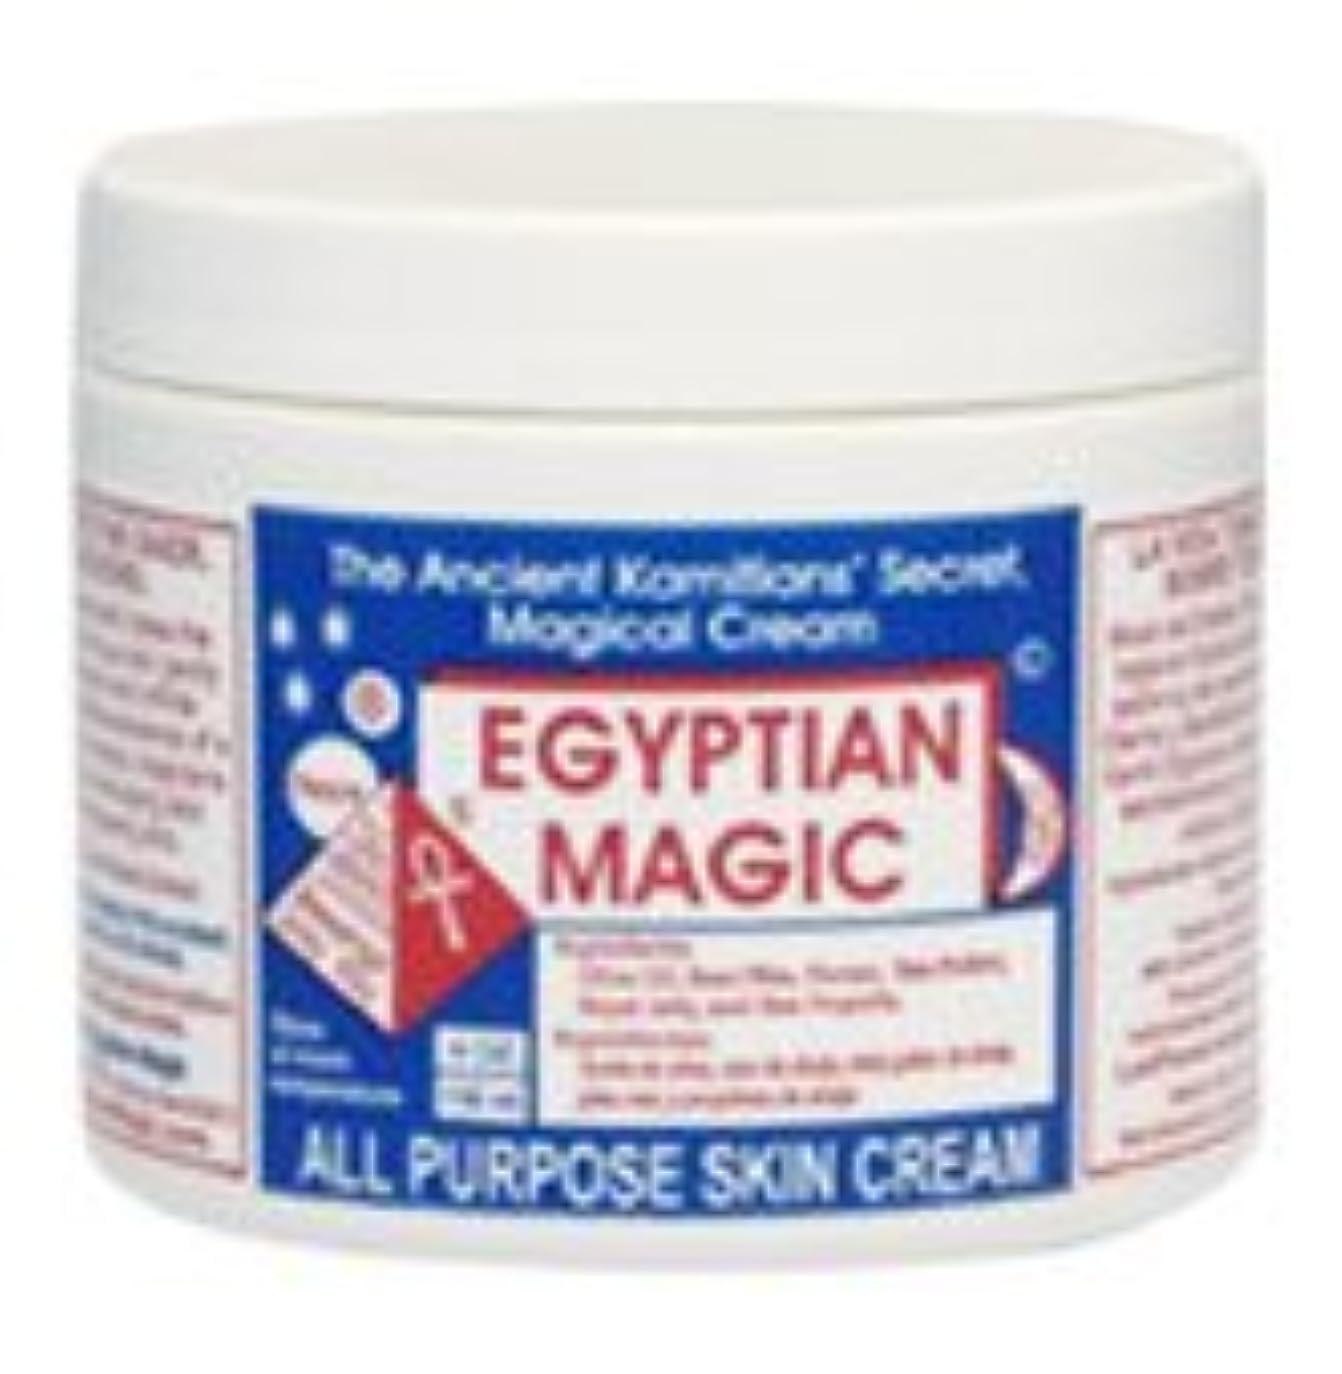 分布見ました収束【EGYPTIAN Magic(エジプシャン マジック)】 EGYPTIAN MAGIC CREAM マジック クリーム 118ml